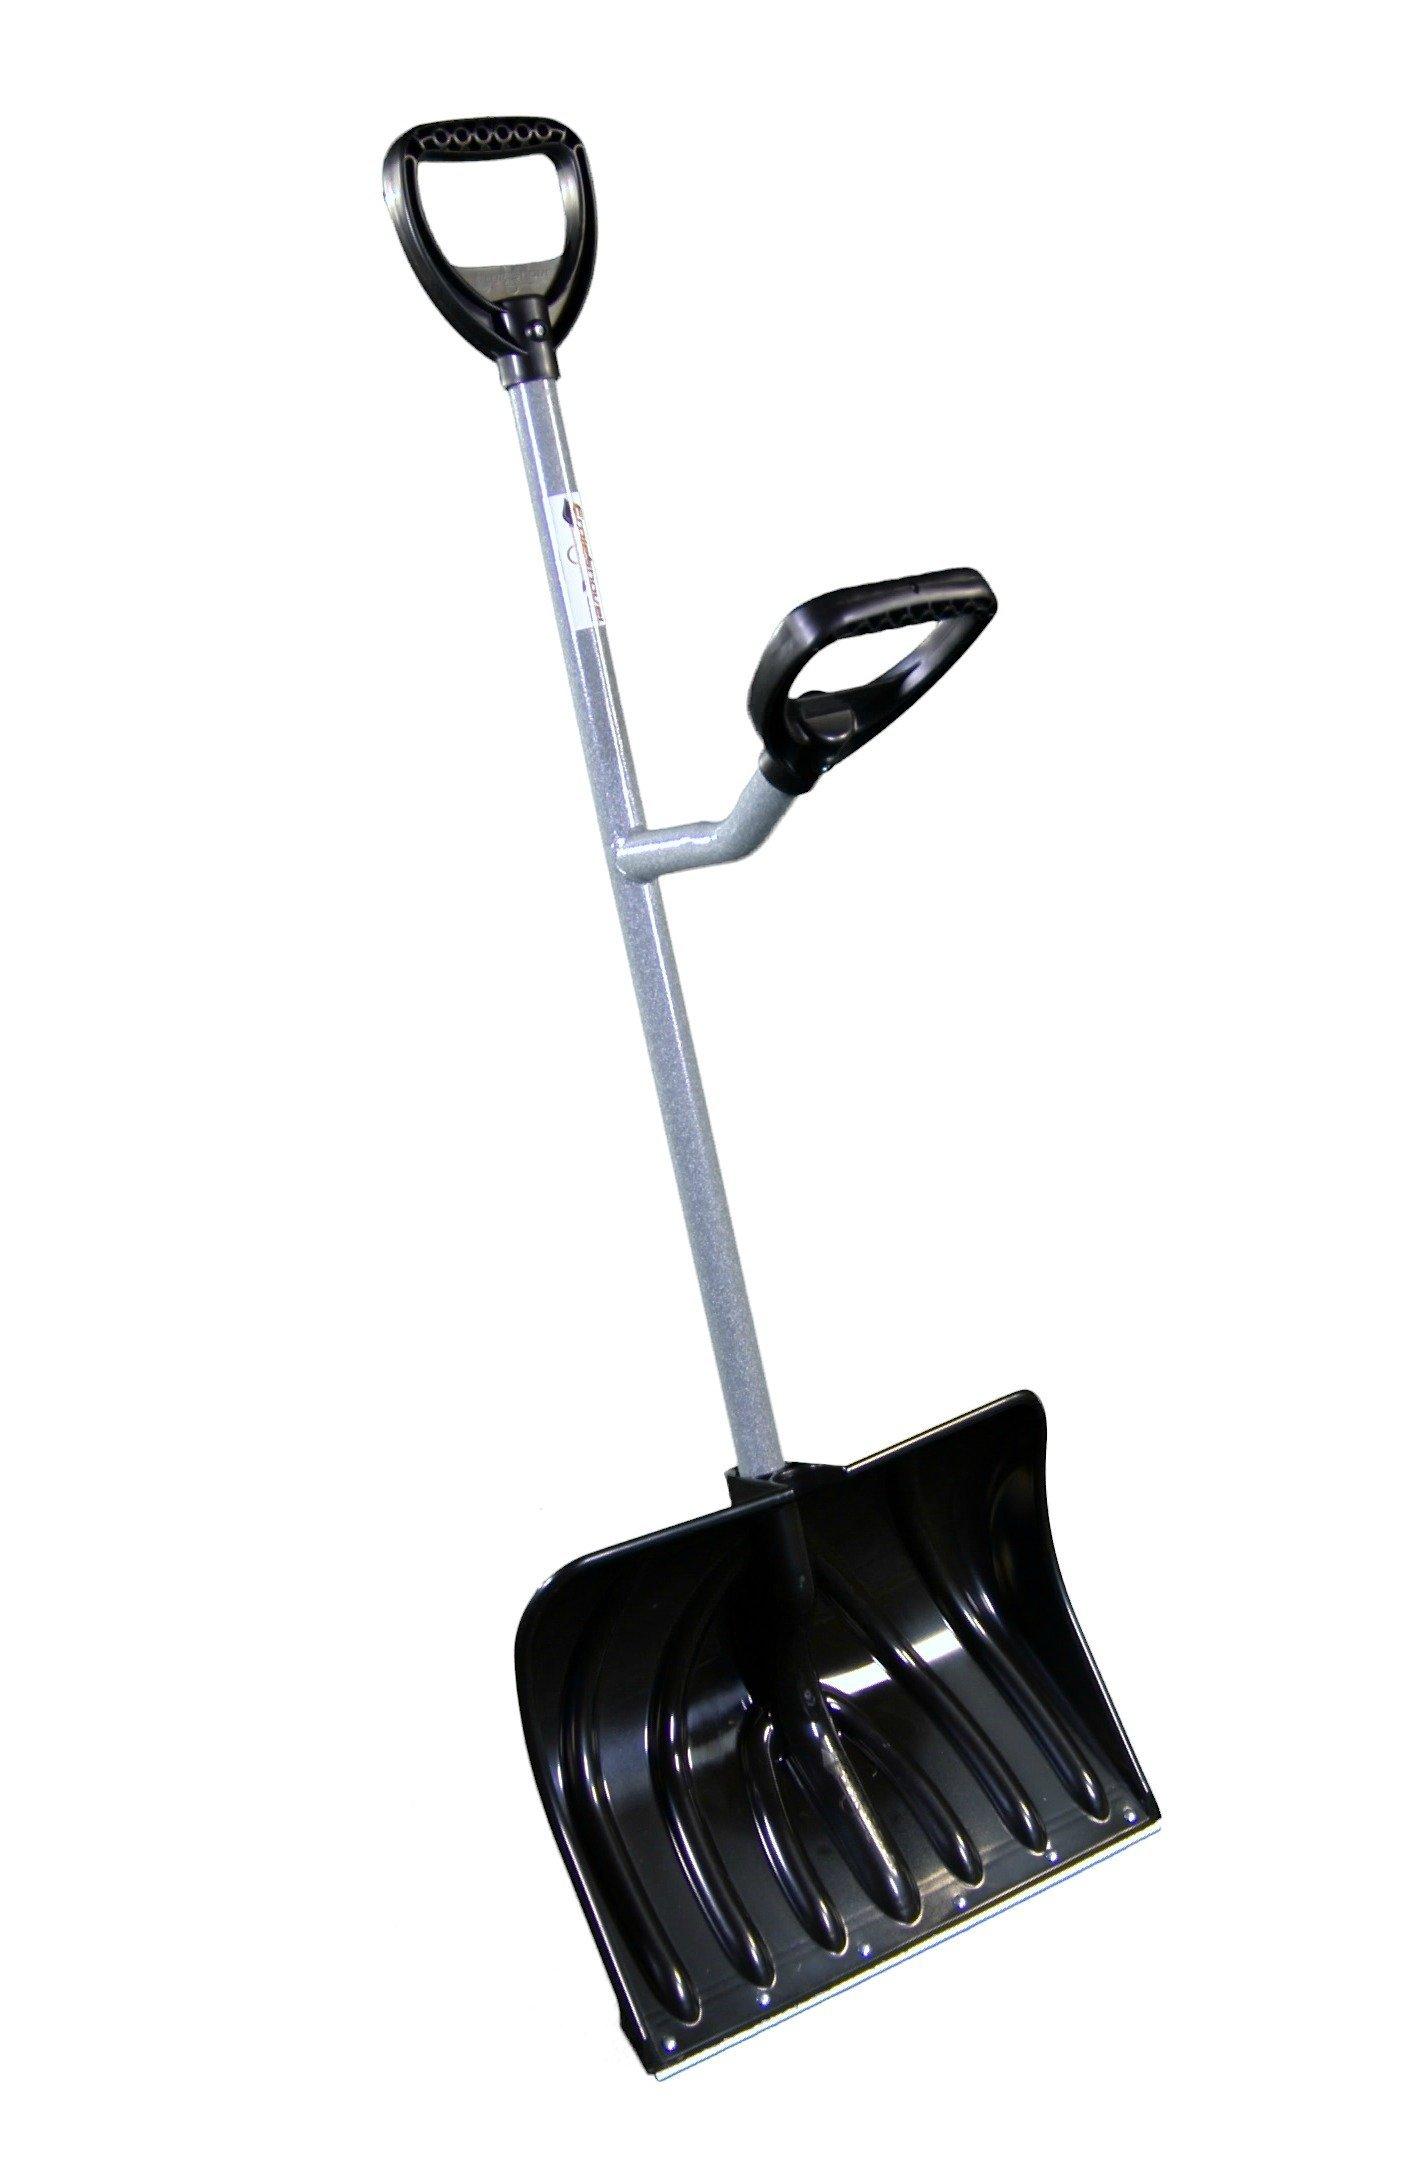 Ergieshovel Ergonomic Snow Shovel, 18'' W